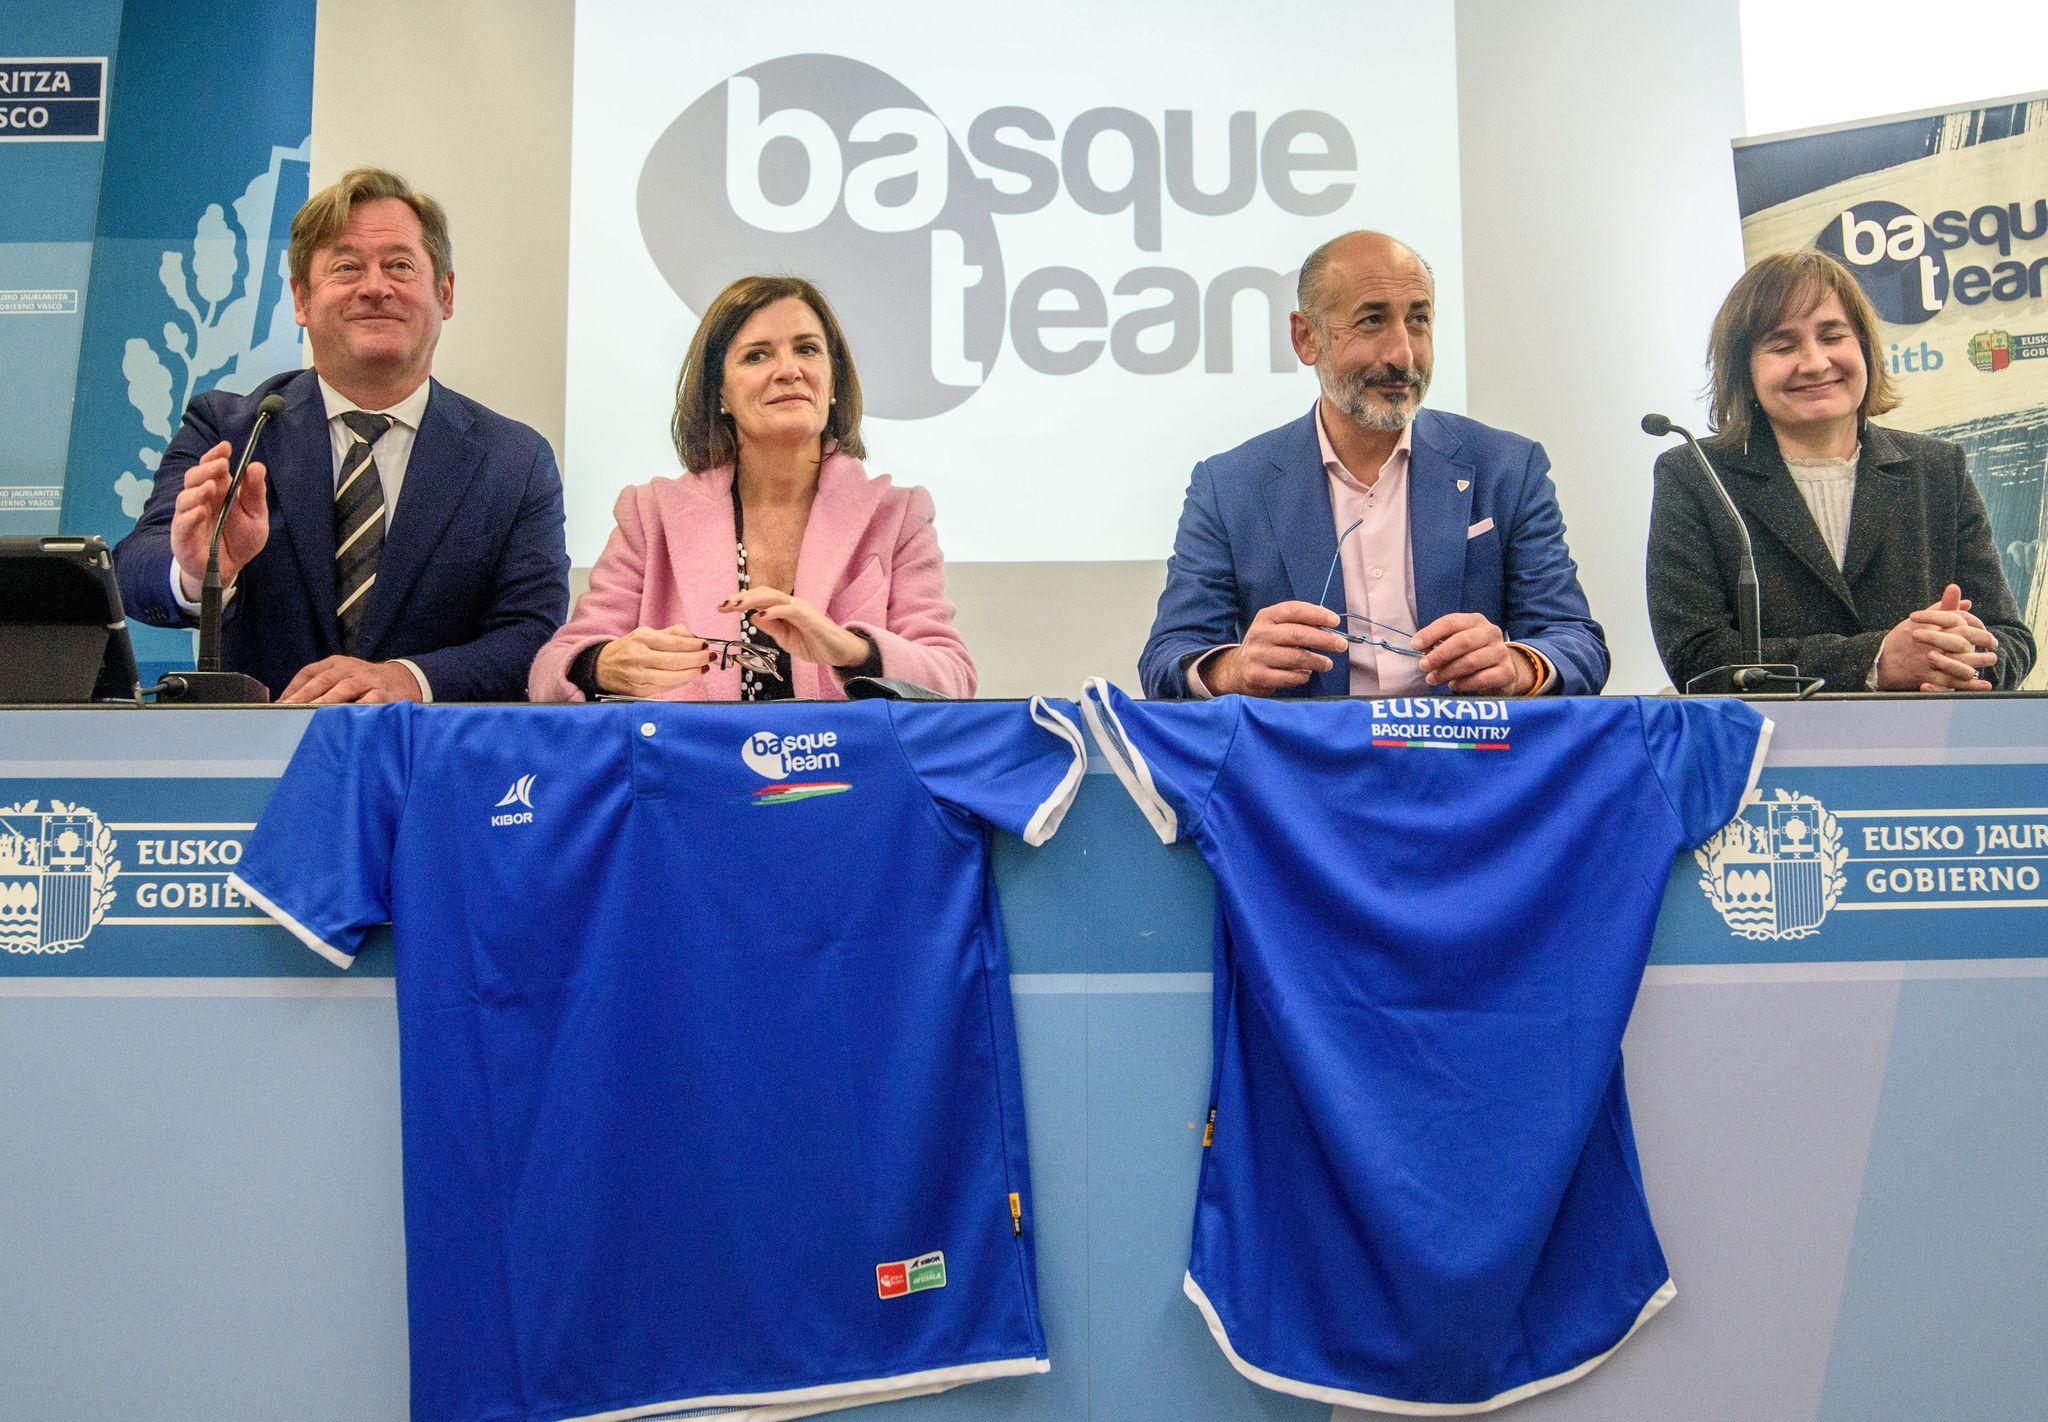 Zupiria y los presidentes del Eibar y el Athletic y la coordinadora del Basque Team.